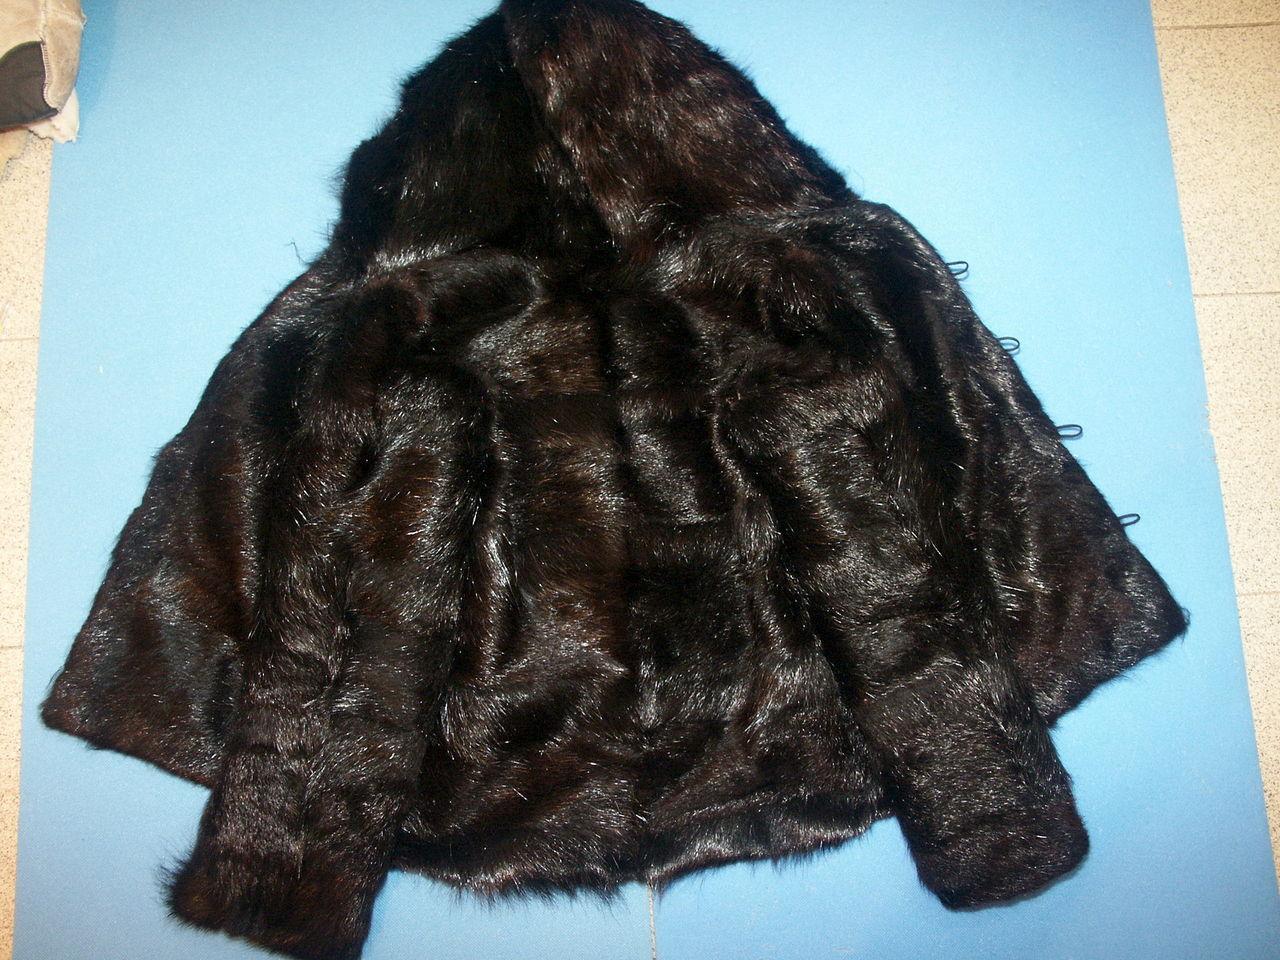 Одежда из меха нутрии очень тёплая и стойкая к изнашиванию